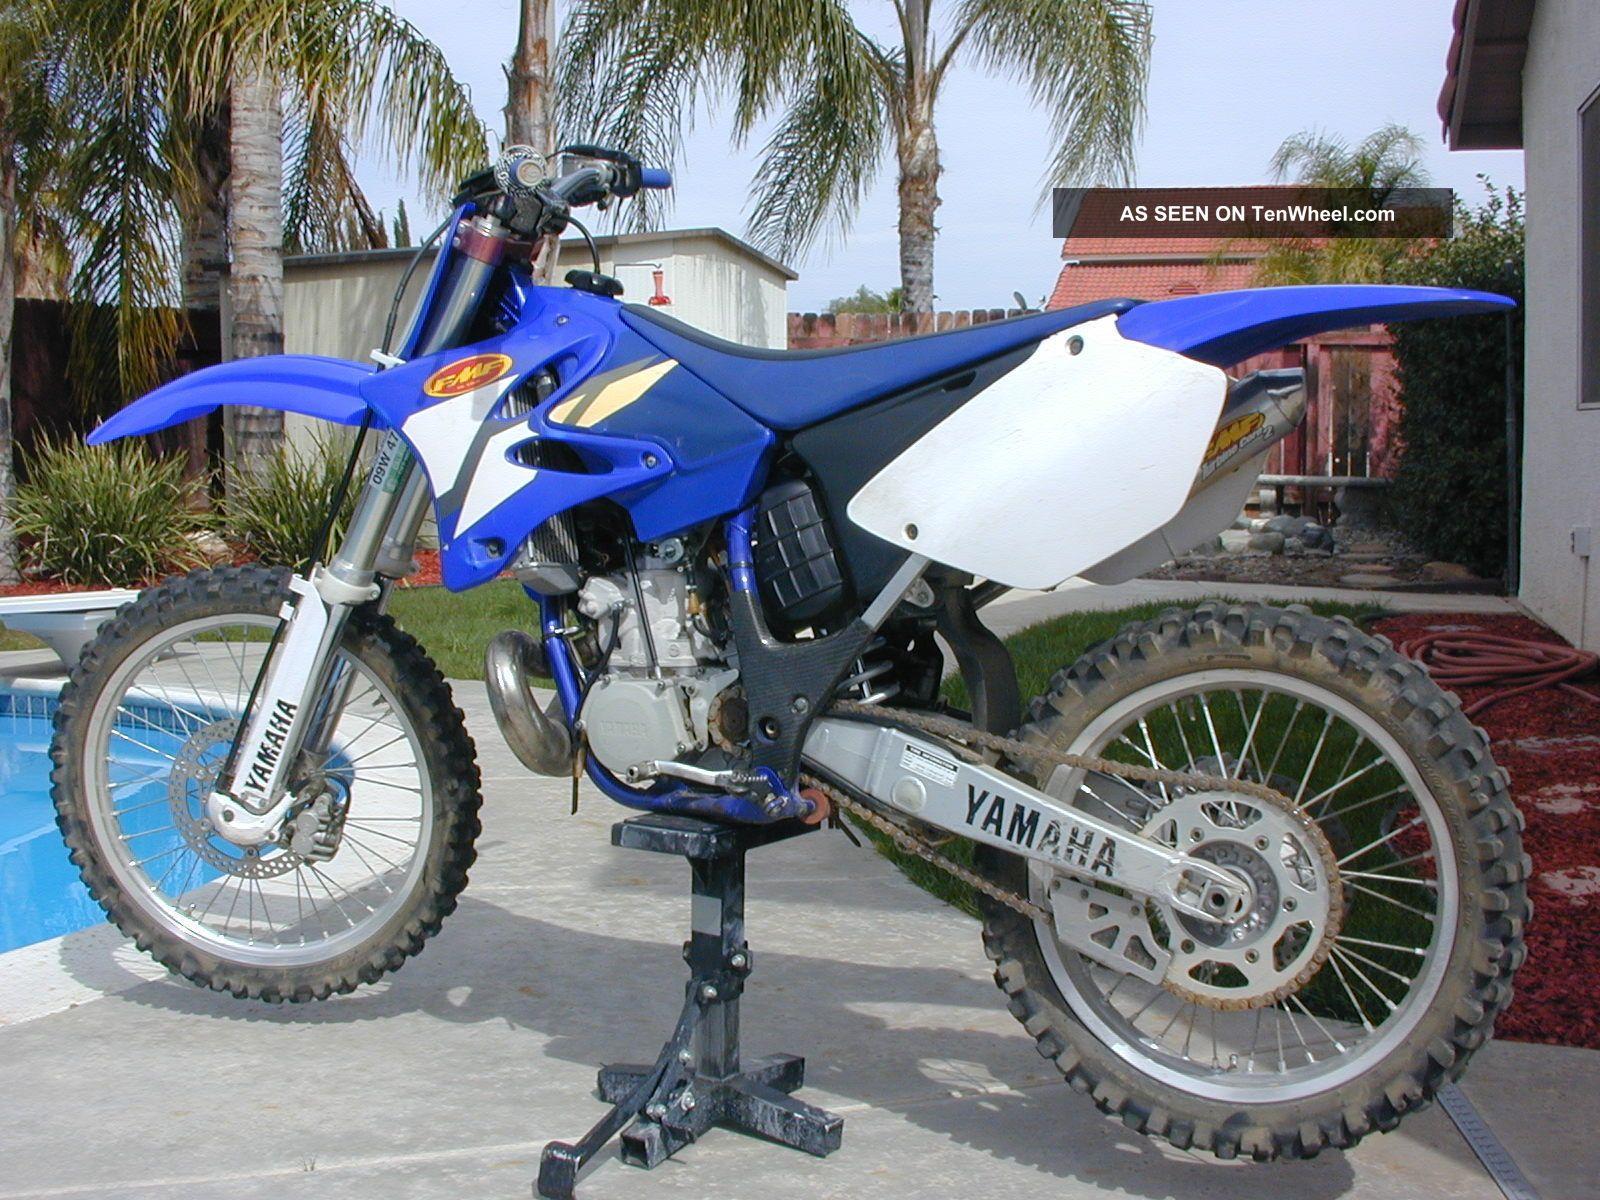 2002 Yz 250 YZ photo